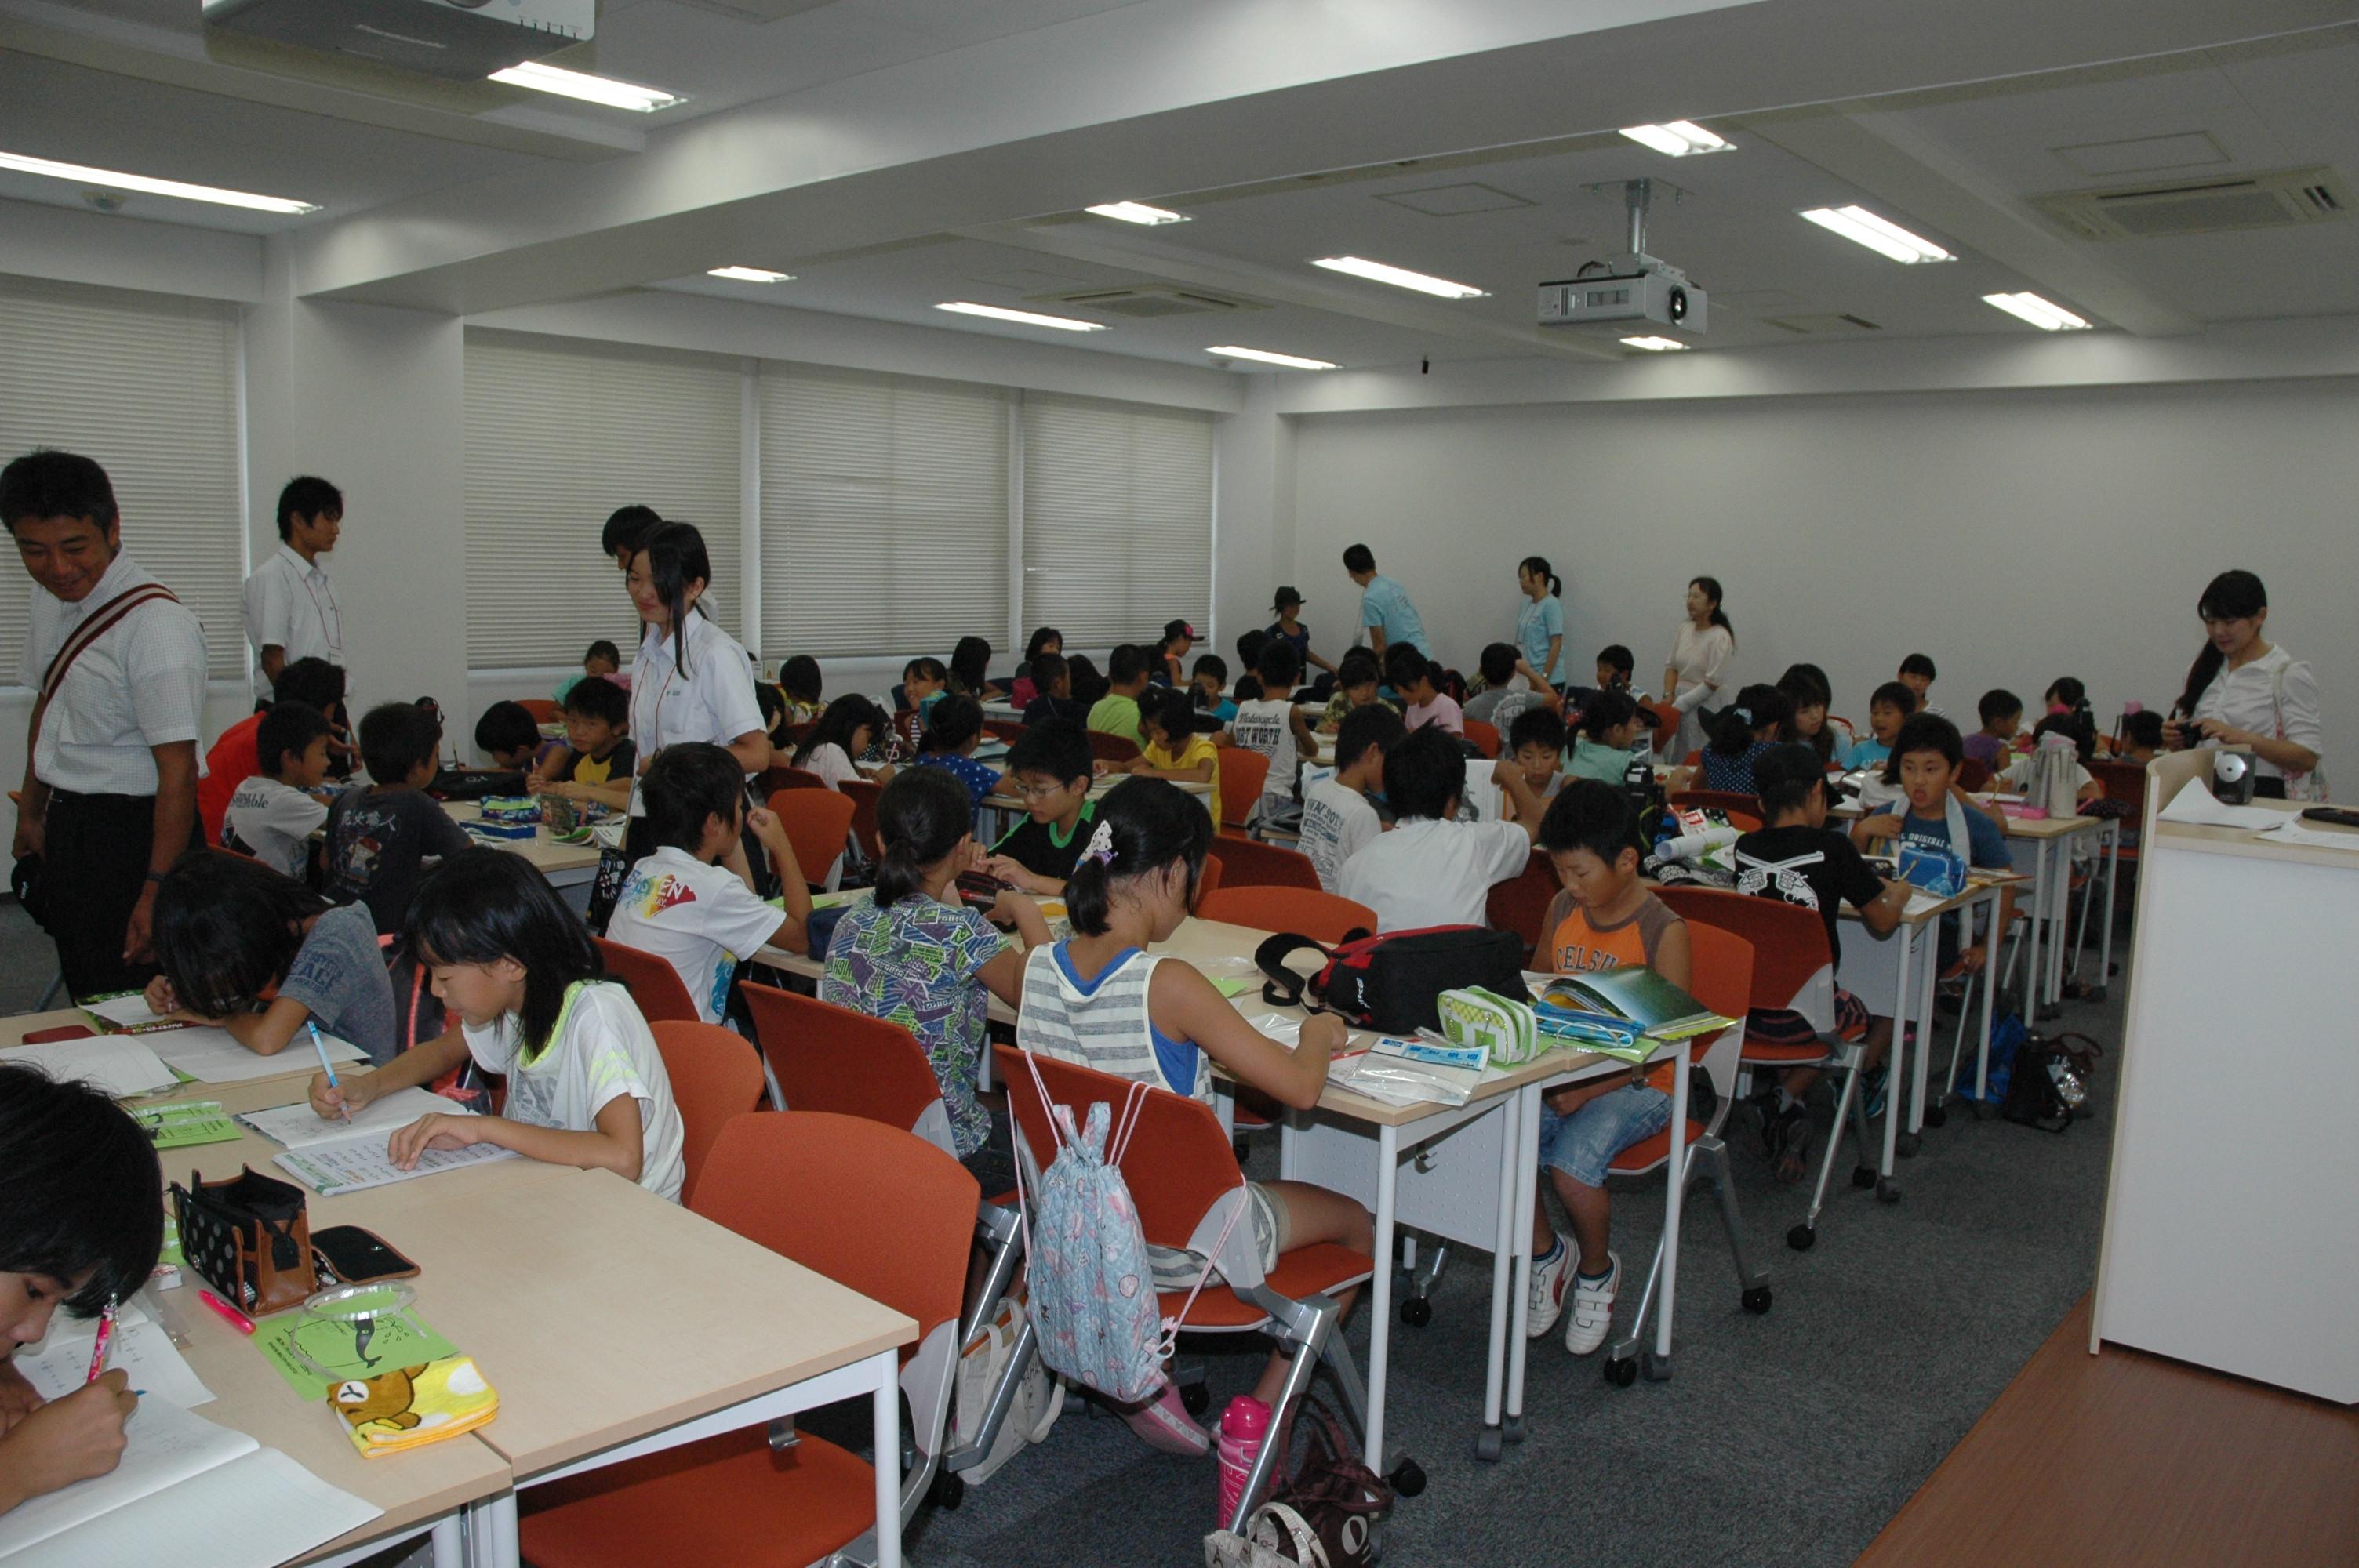 関西福祉大学 なつやすみ宿題教室